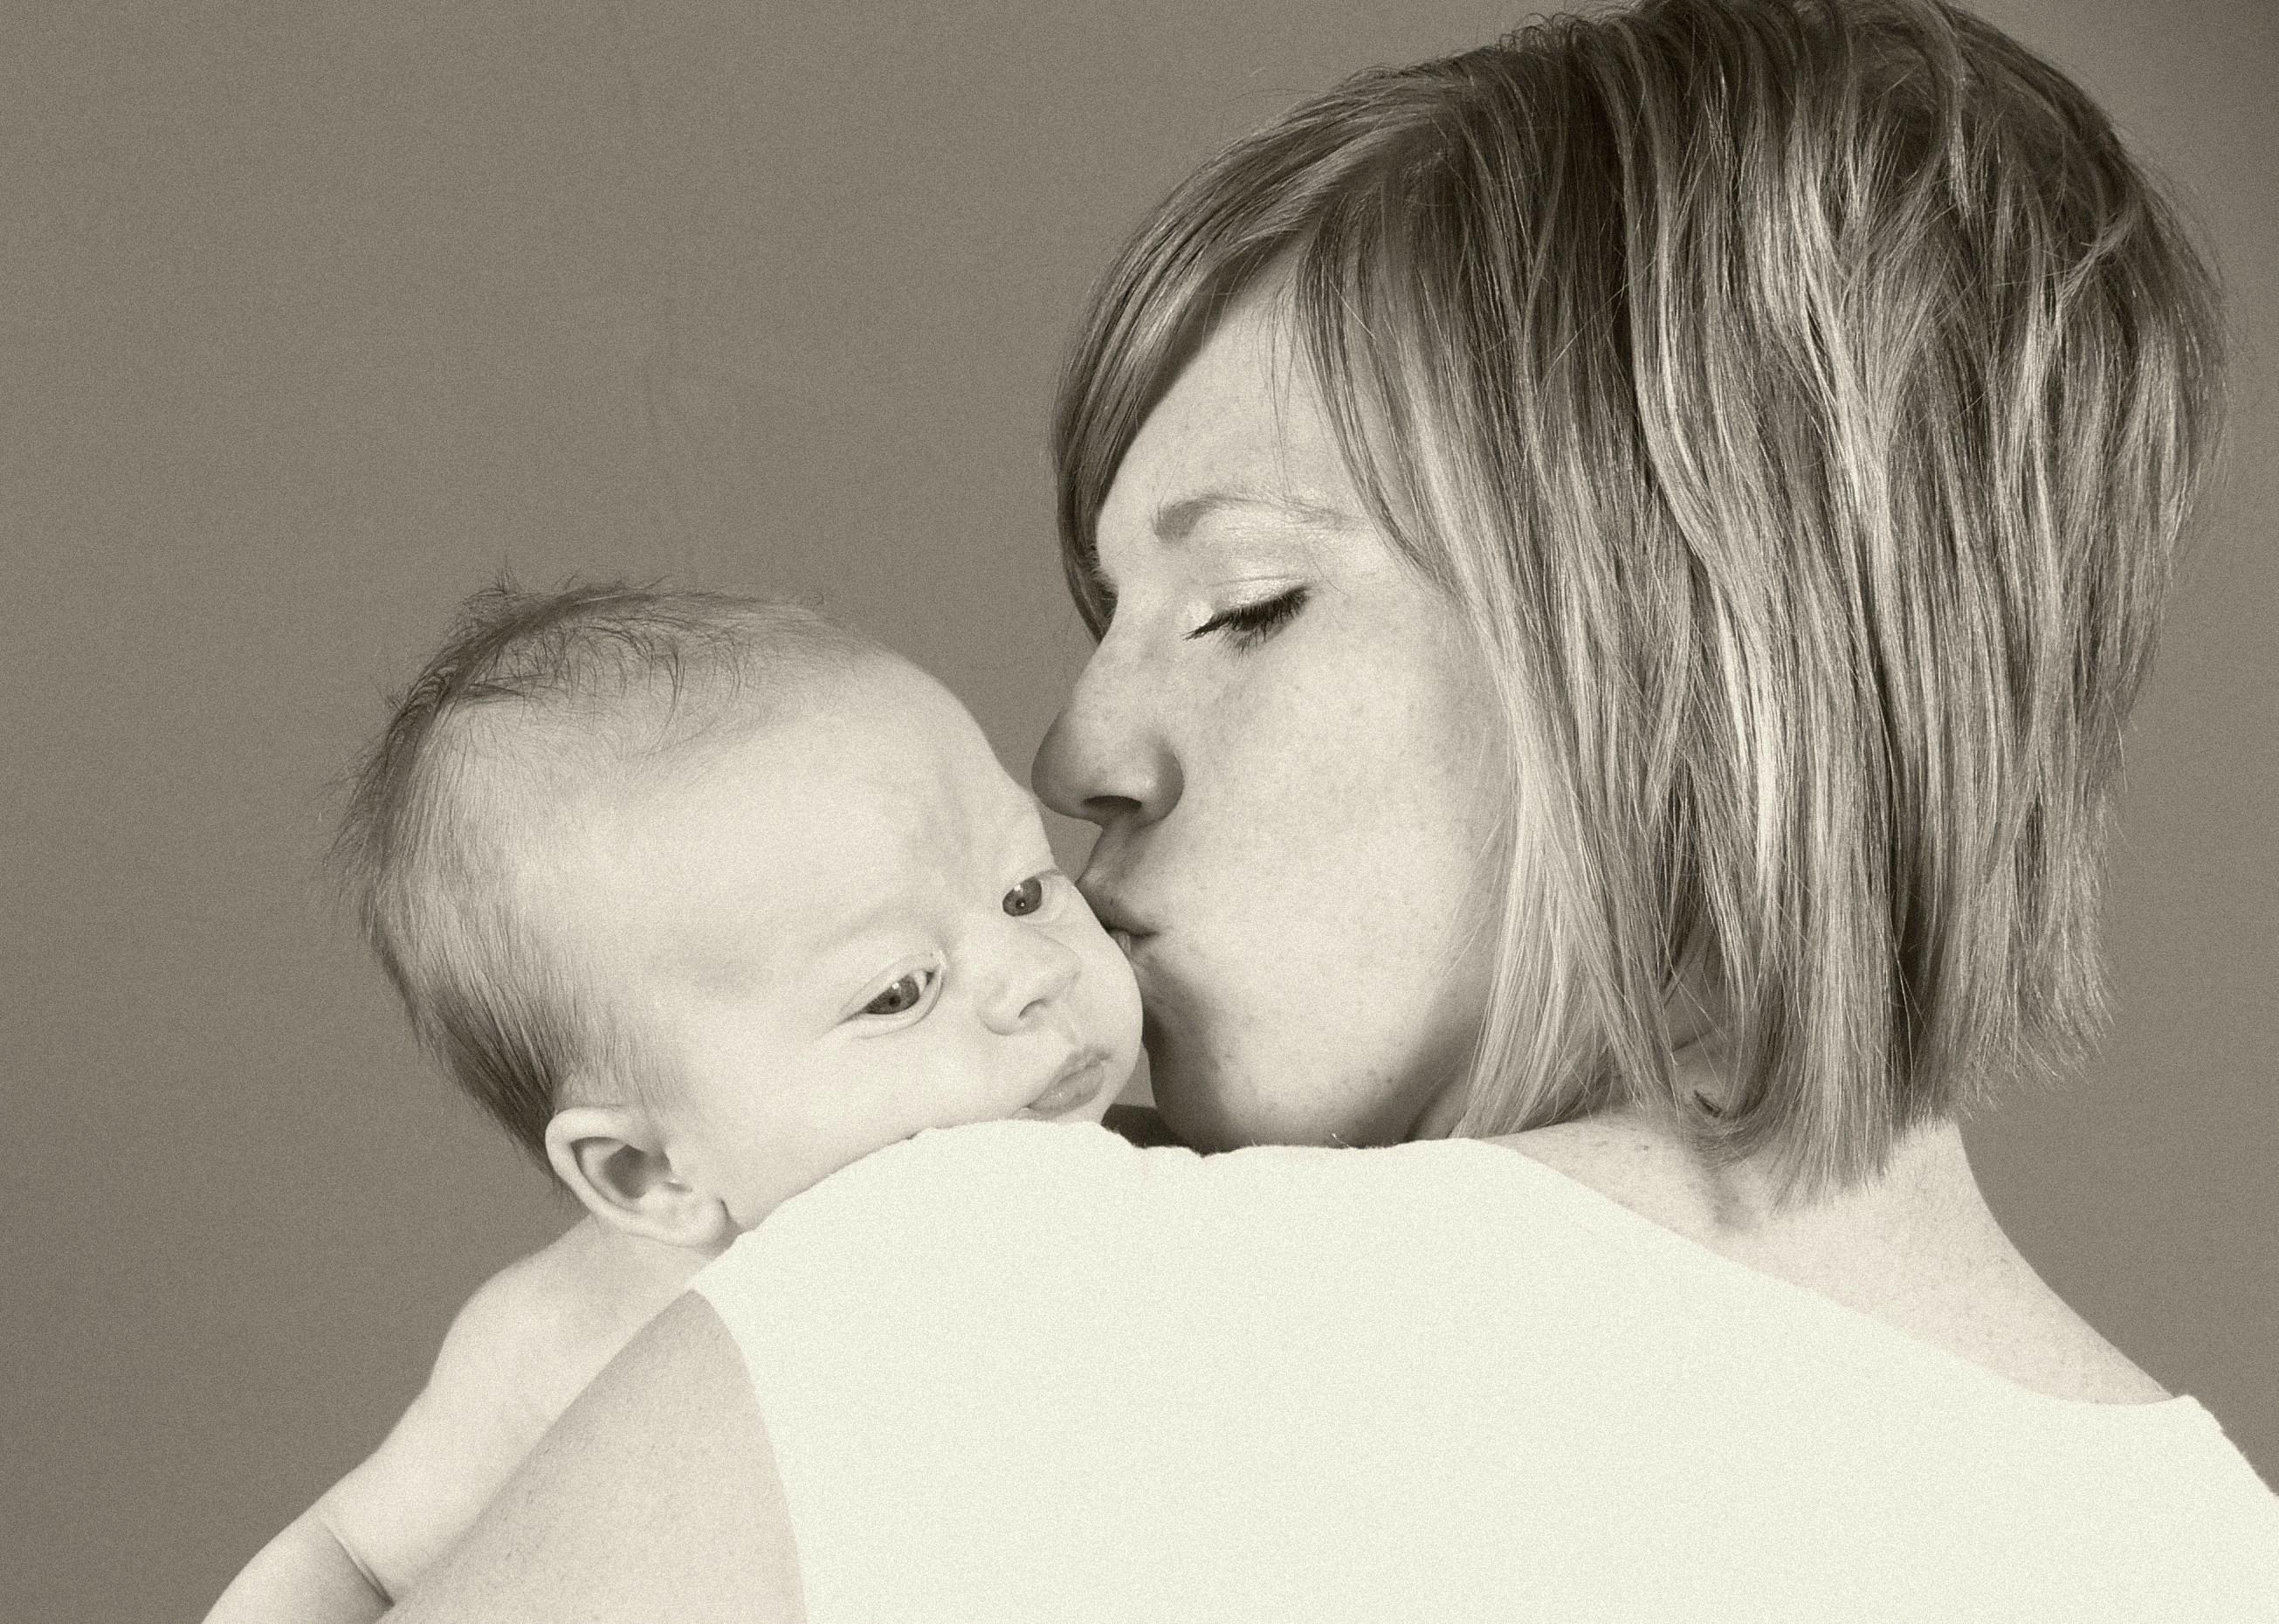 Kangatraining: Sparen Sie sich den Babysitter - Trainieren Sie mit Baby © morguefile.com